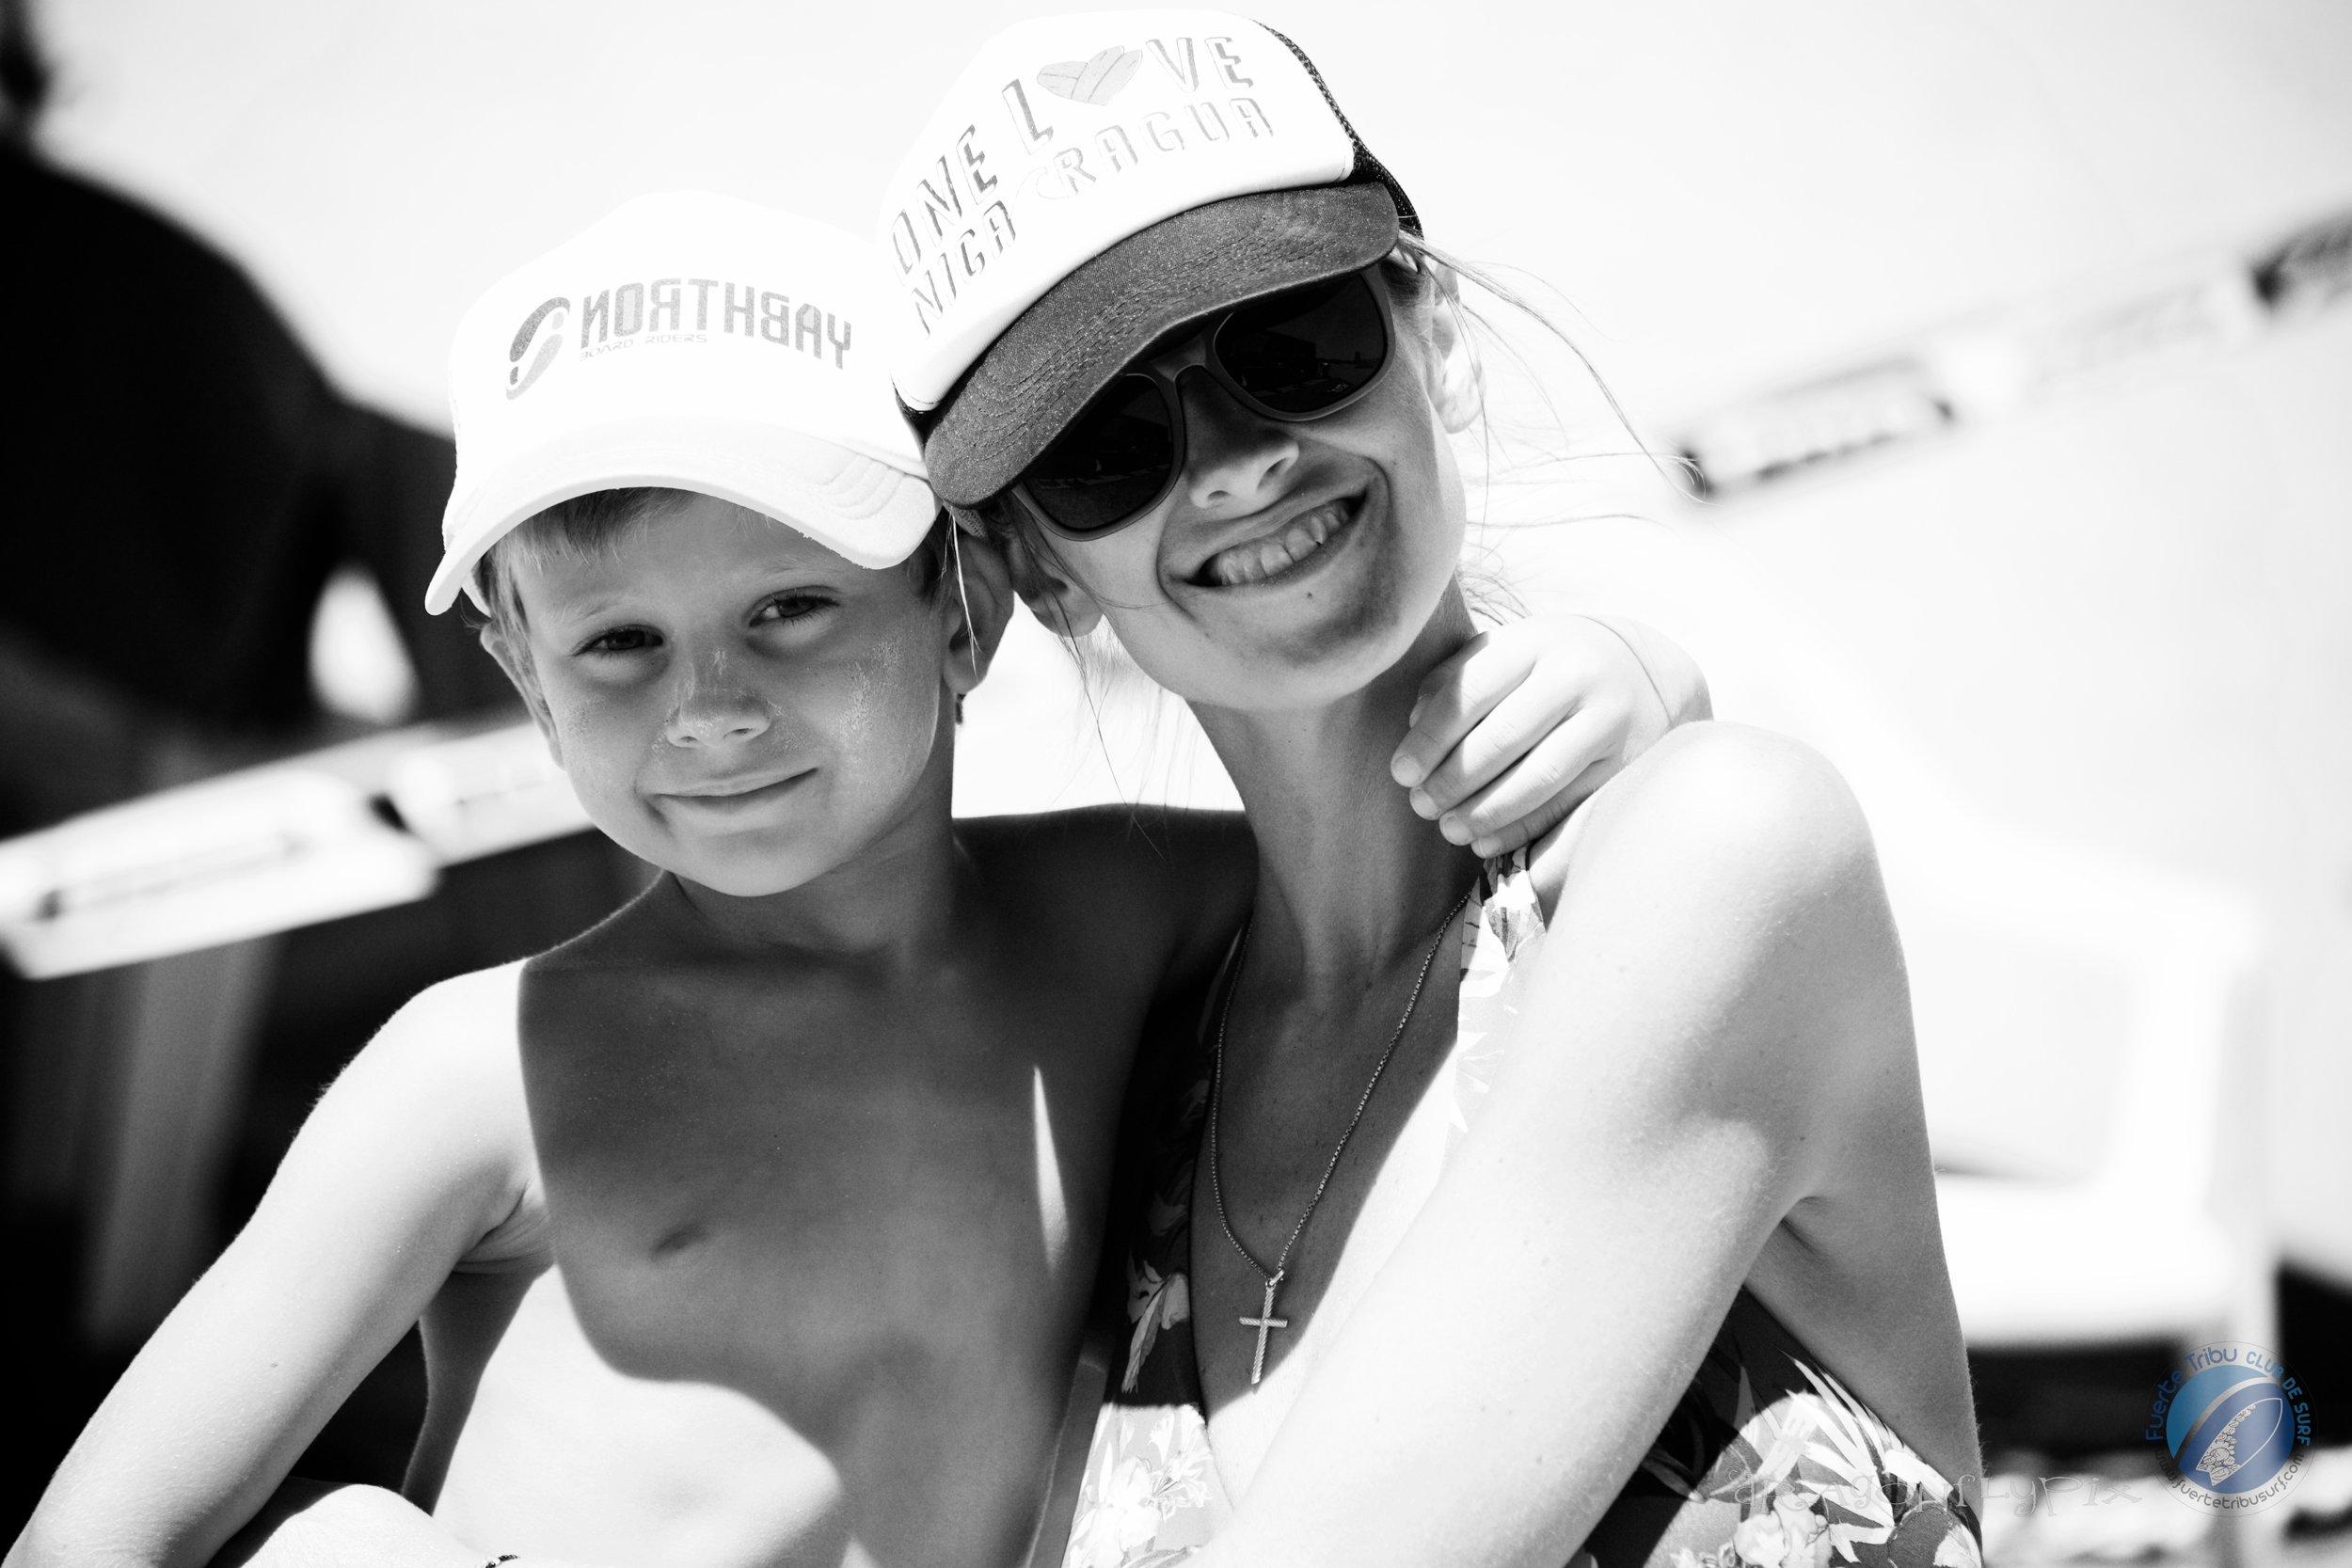 FUERTETRIBU_INTRACLUB_SURF_CAMPEONATO_KIDSIMG_1049.jpg